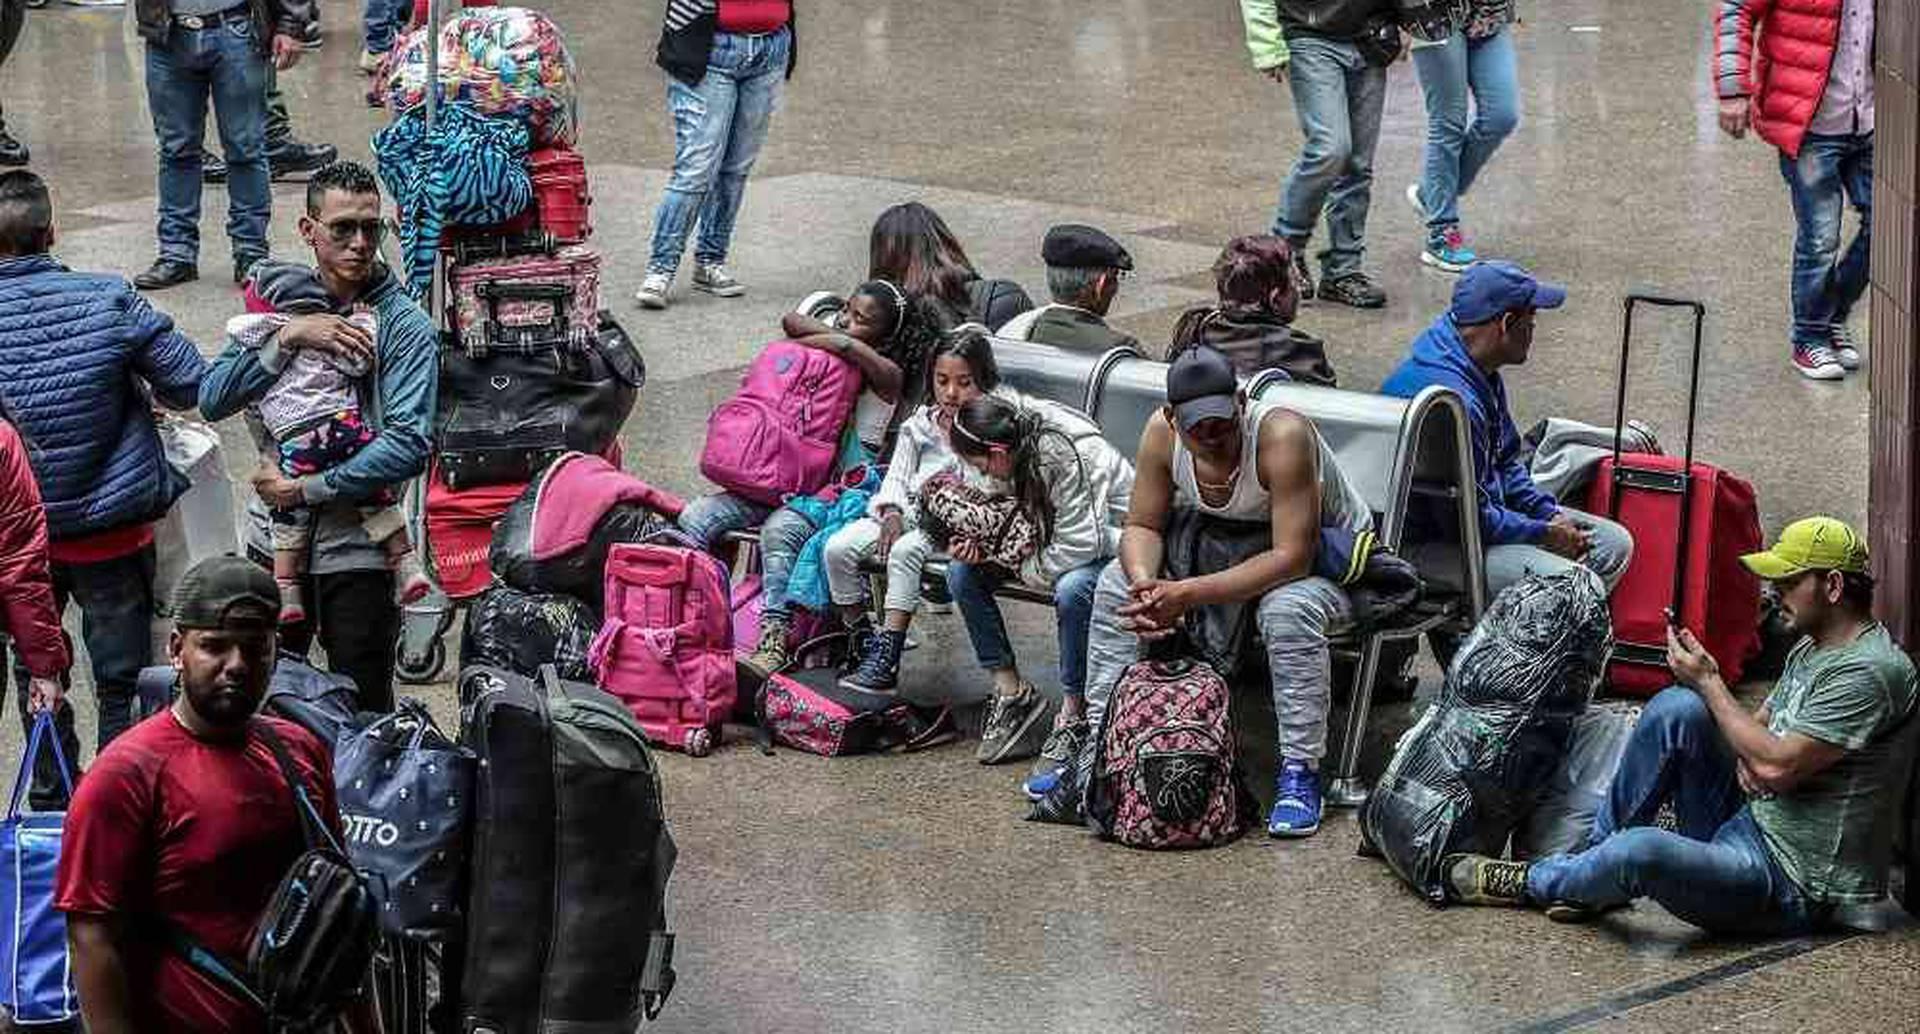 Foto: Carlos Julio Martínez / SEMANA